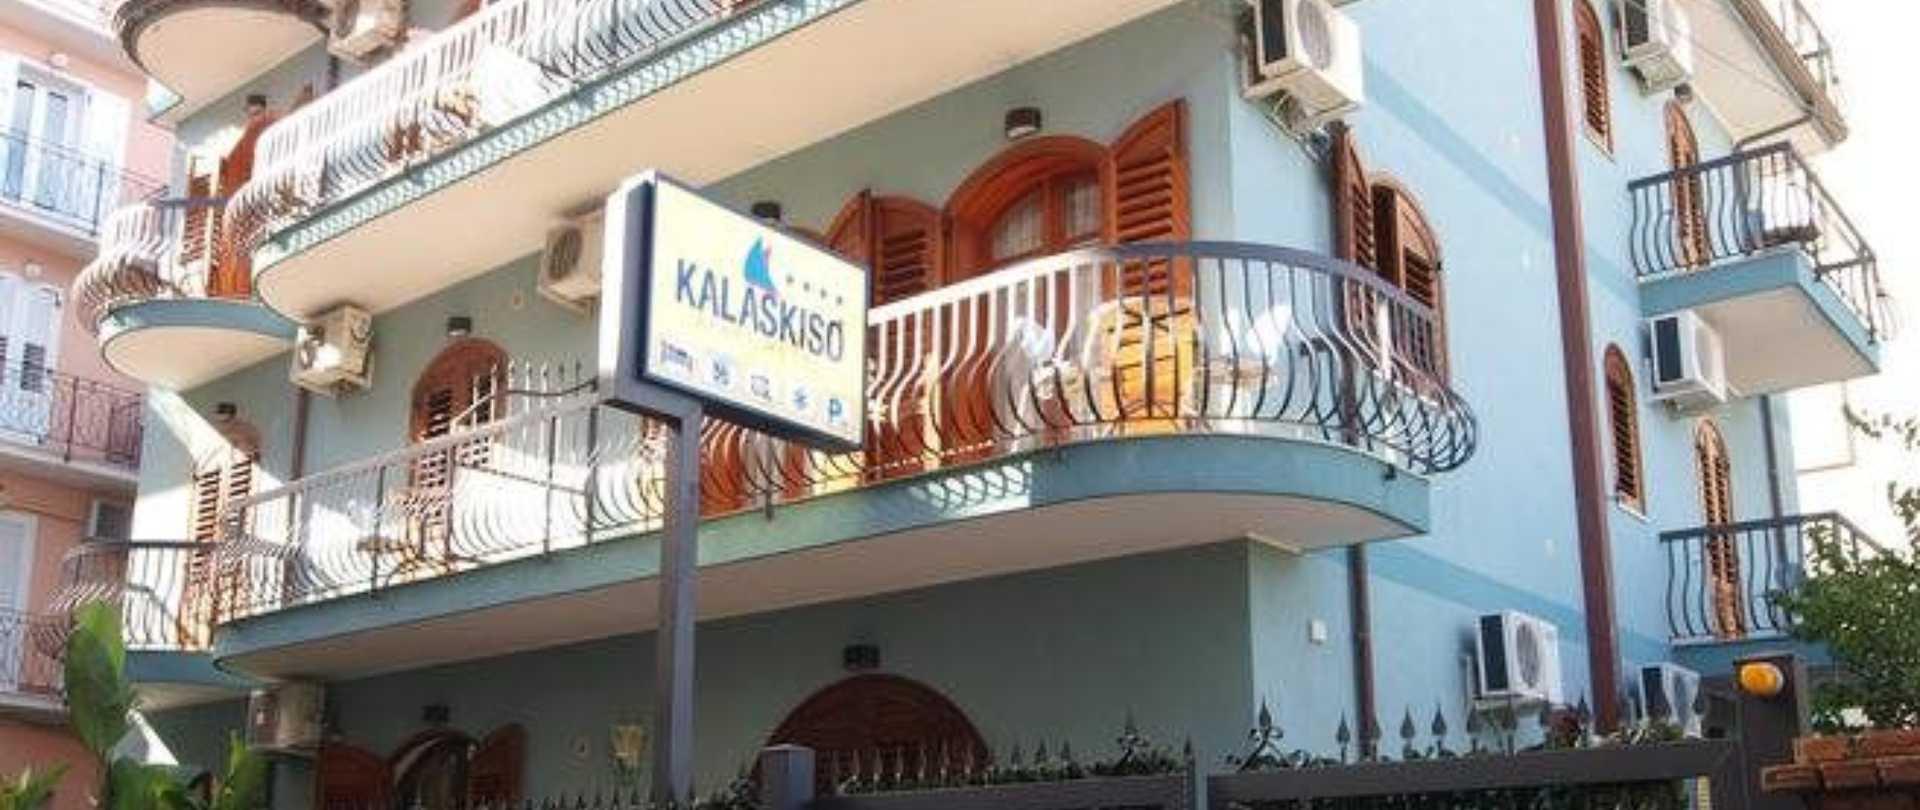 Hotel Kalaskiso ★★★